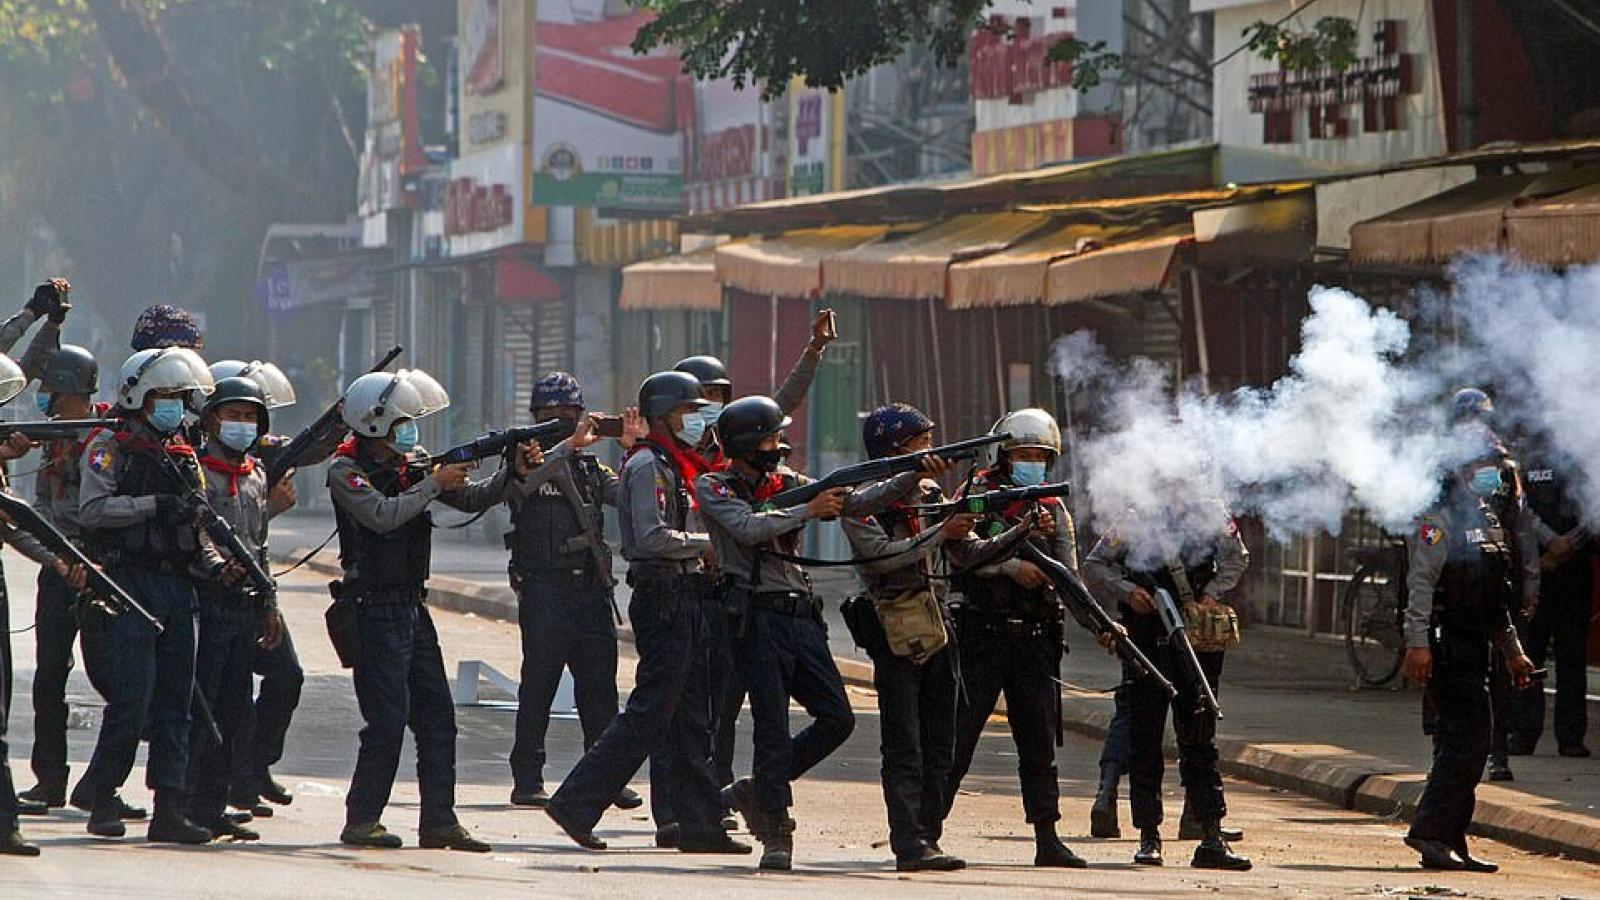 Trung Quốc lặng yên trước cuộc biểu tình hậu đảo chính ở Myanmar